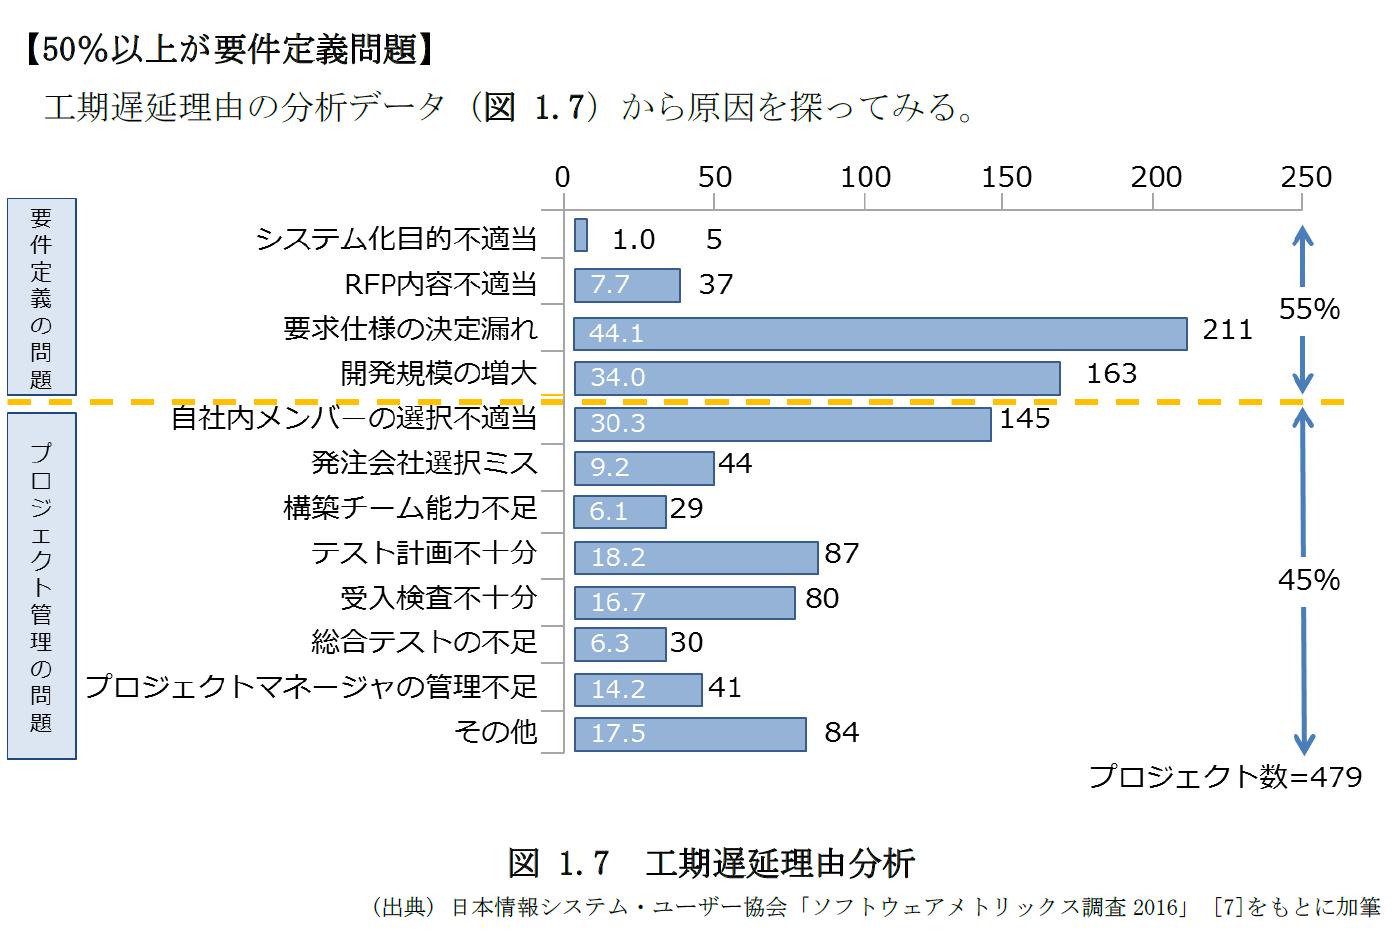 システム開発の工程遅延理由は50%以上が要件定義(ipa.go.jp/files/000079352.pdf)